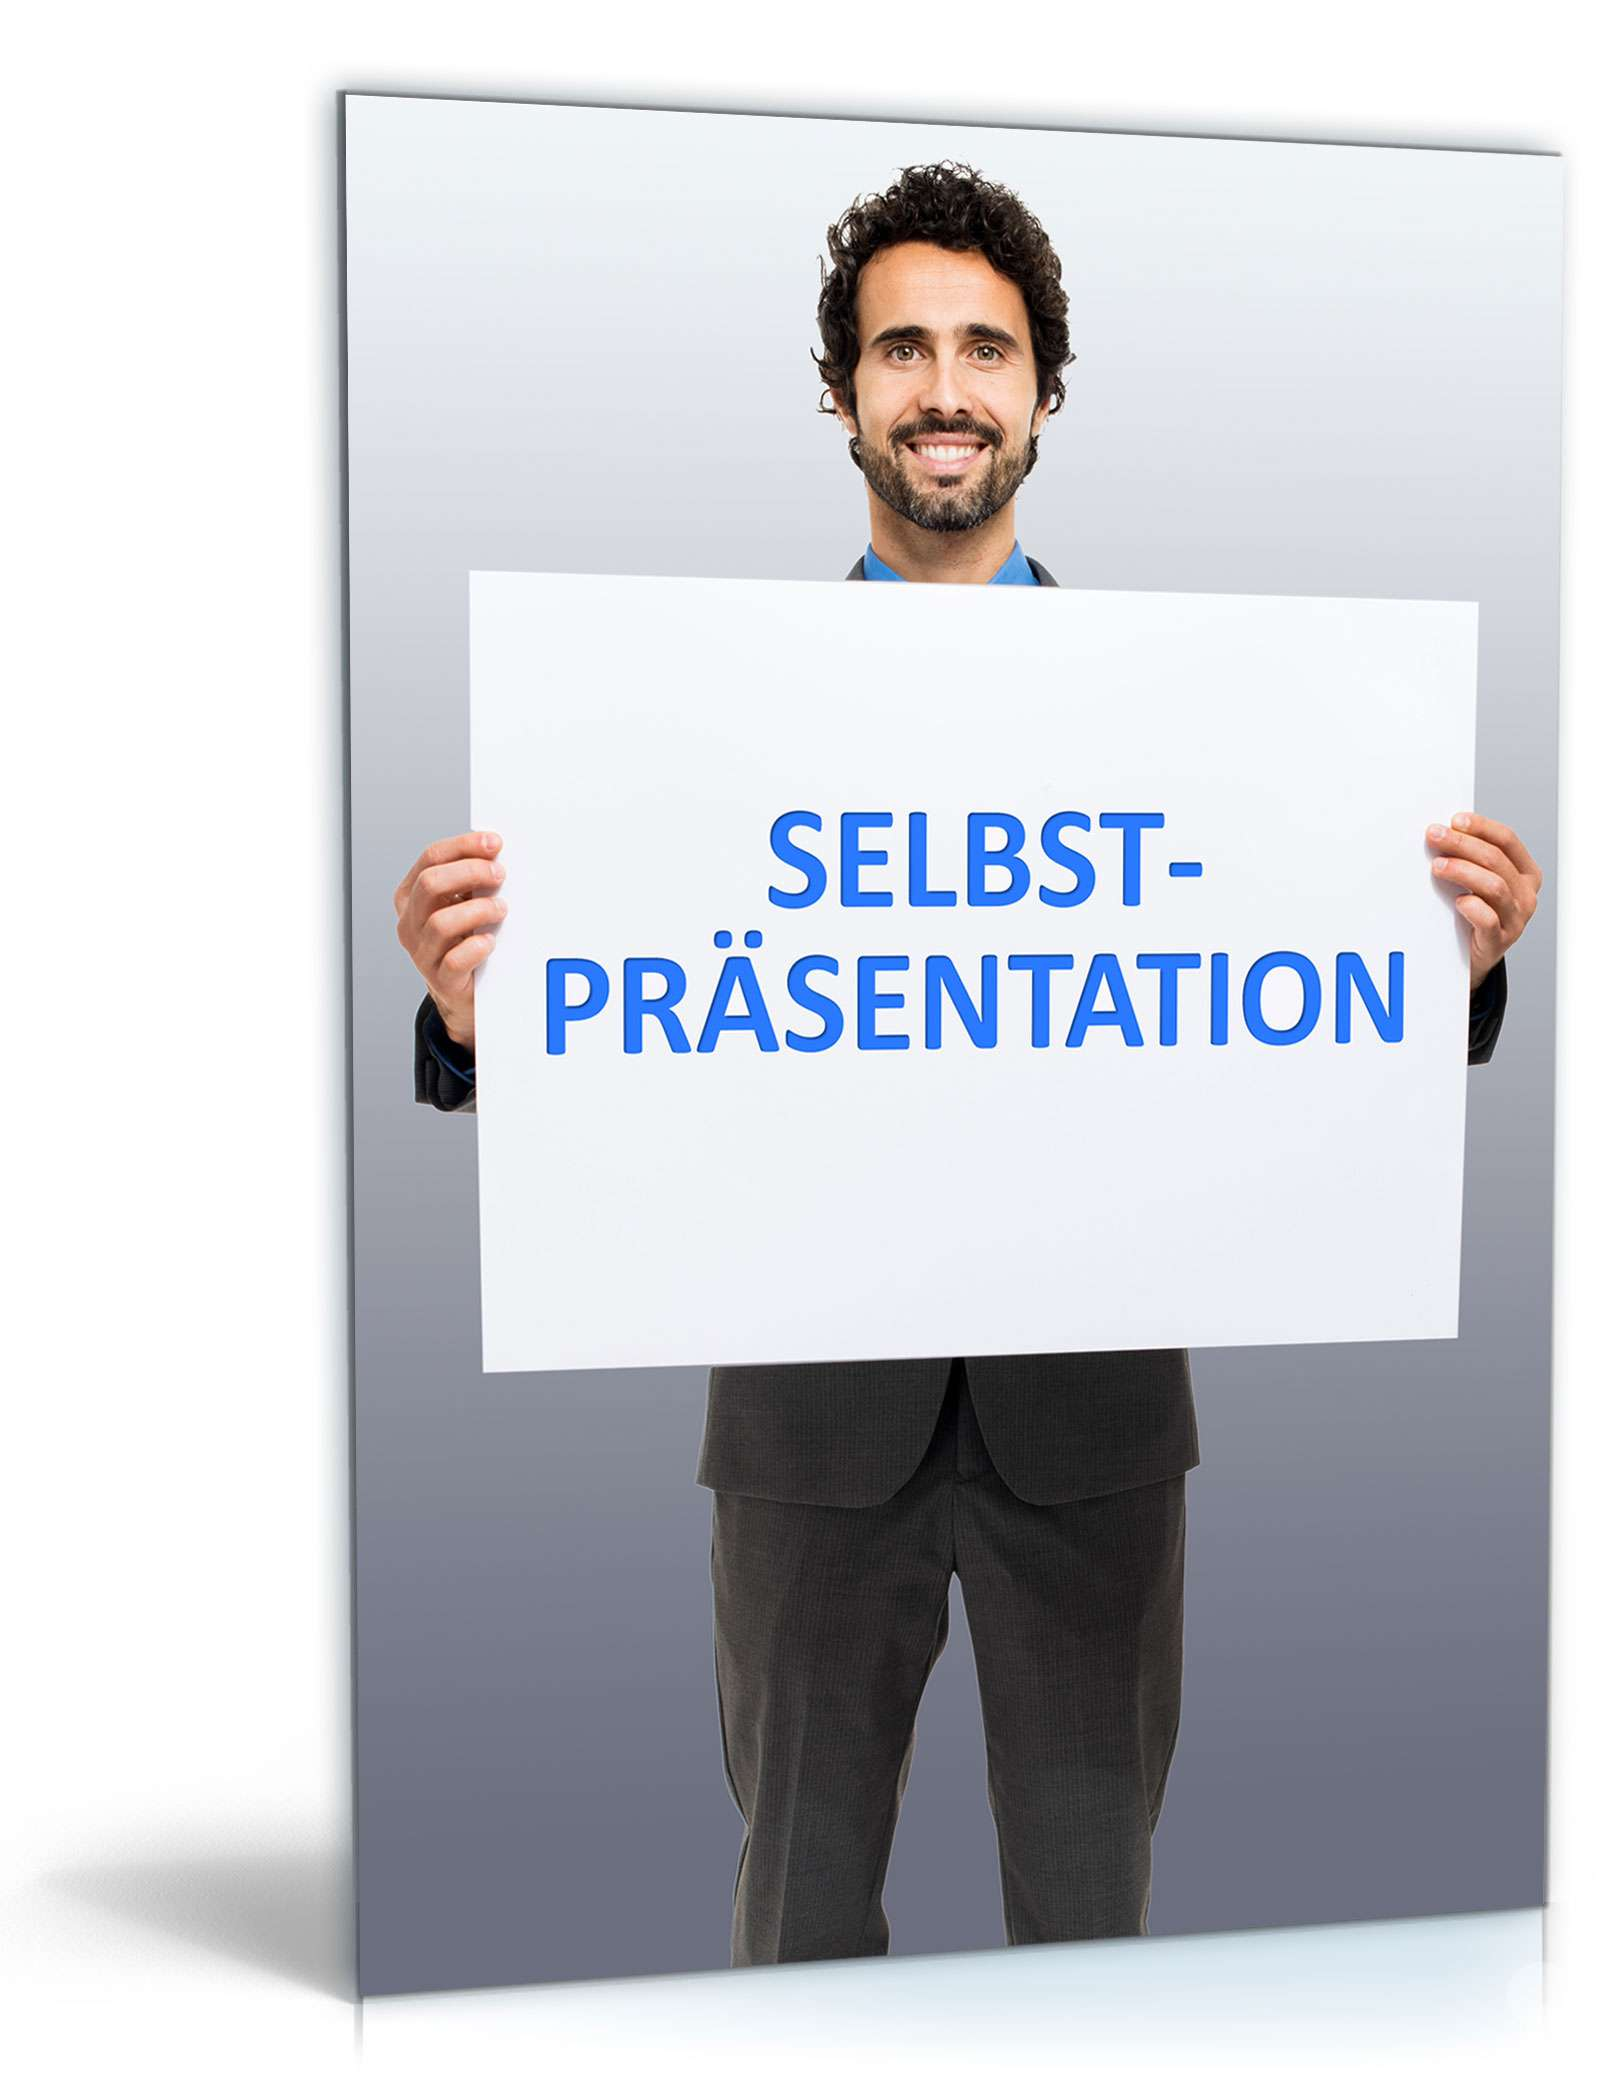 powerpoint vorlage selbstprsentation - Selbstprasentation Muster